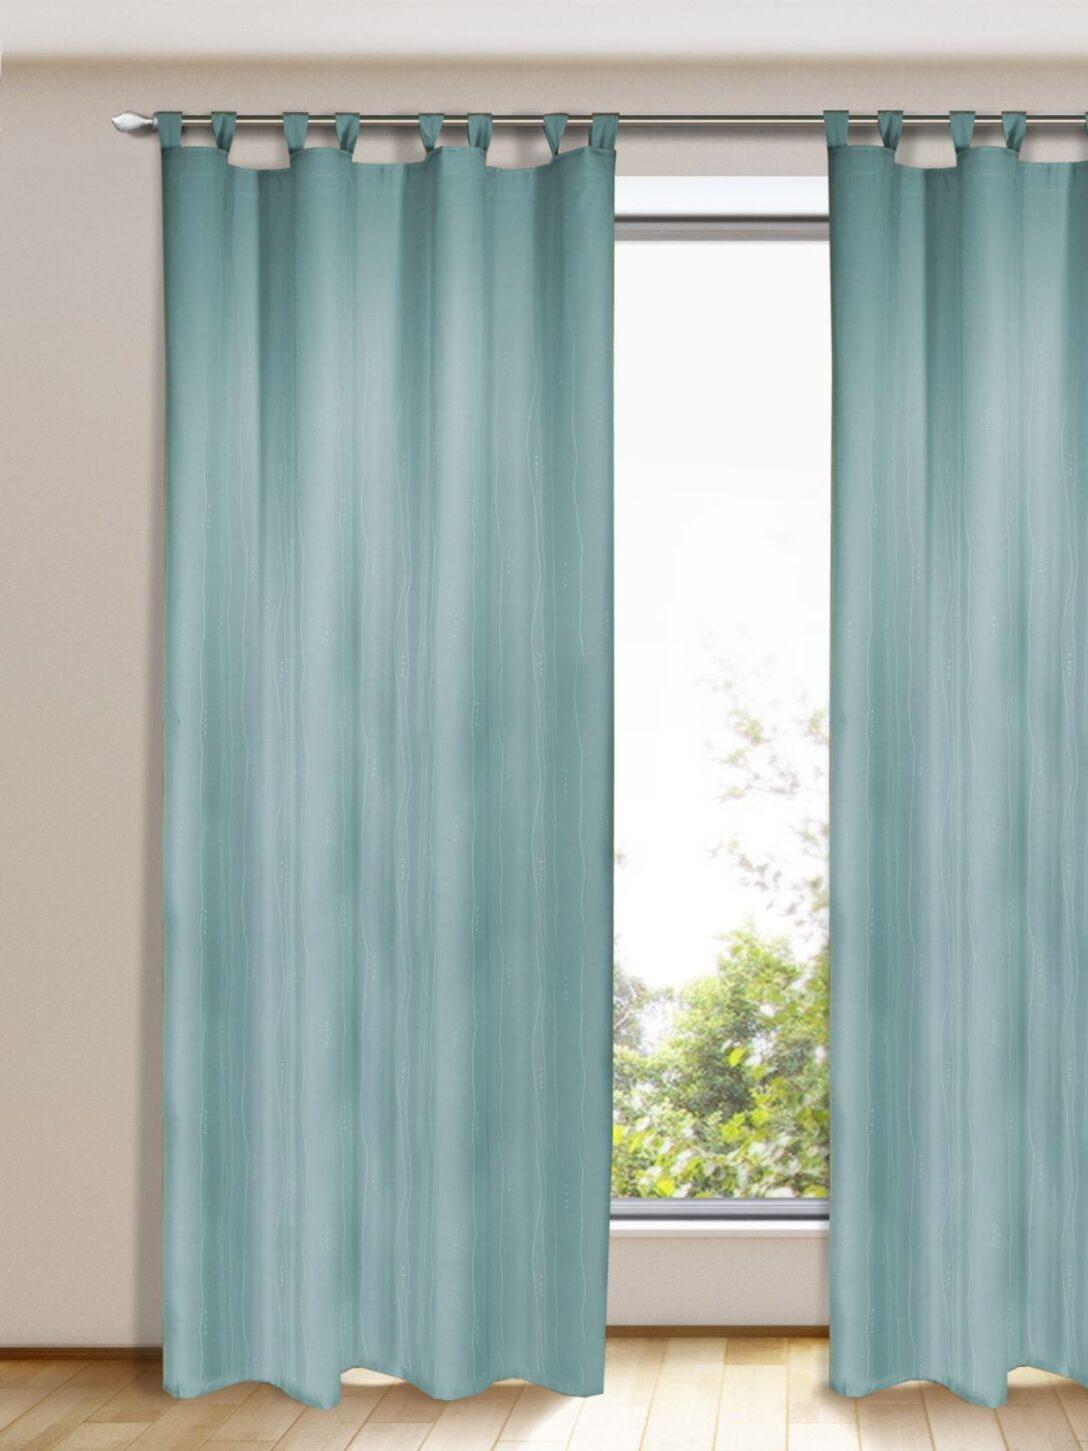 Large Size of Gardinen Für Wohnzimmer Küche Fenster Die Scheibengardinen Schlafzimmer Wohnzimmer Blickdichte Gardinen